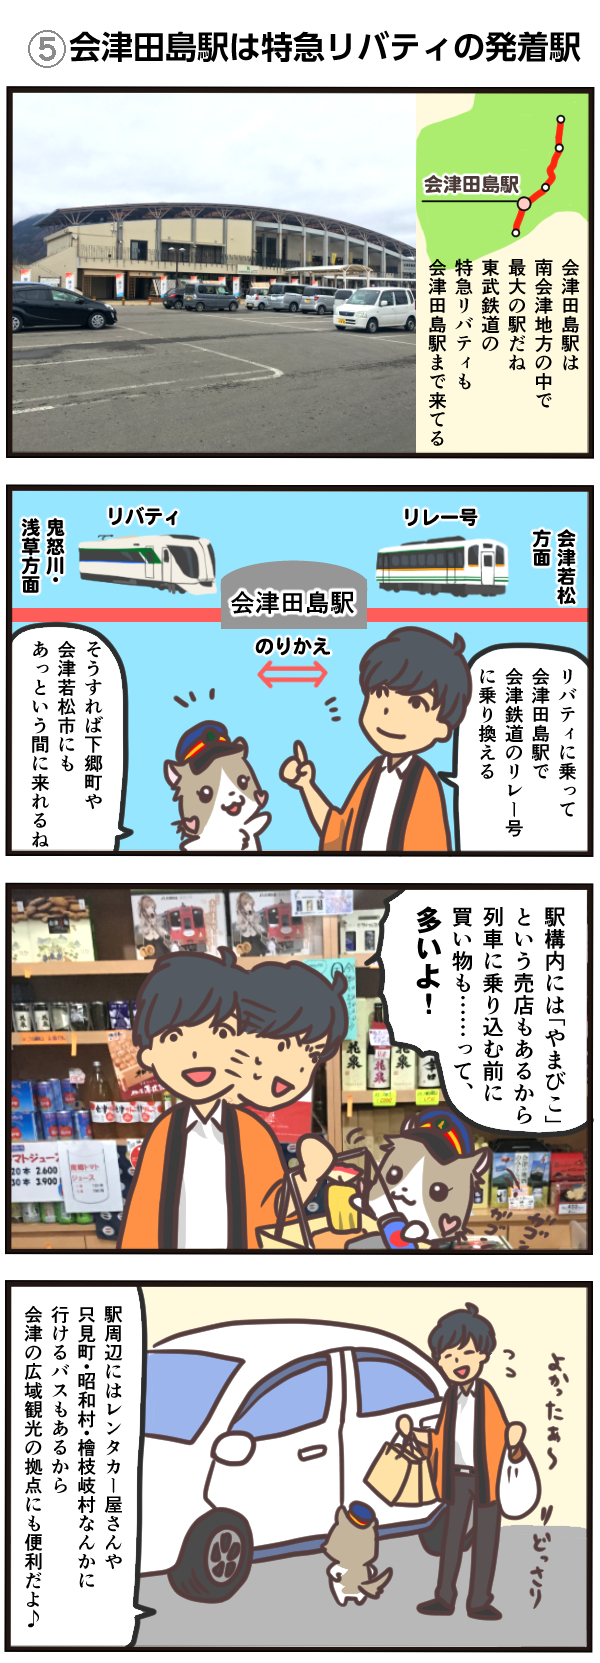 会津田島駅は特急リバティの発着駅